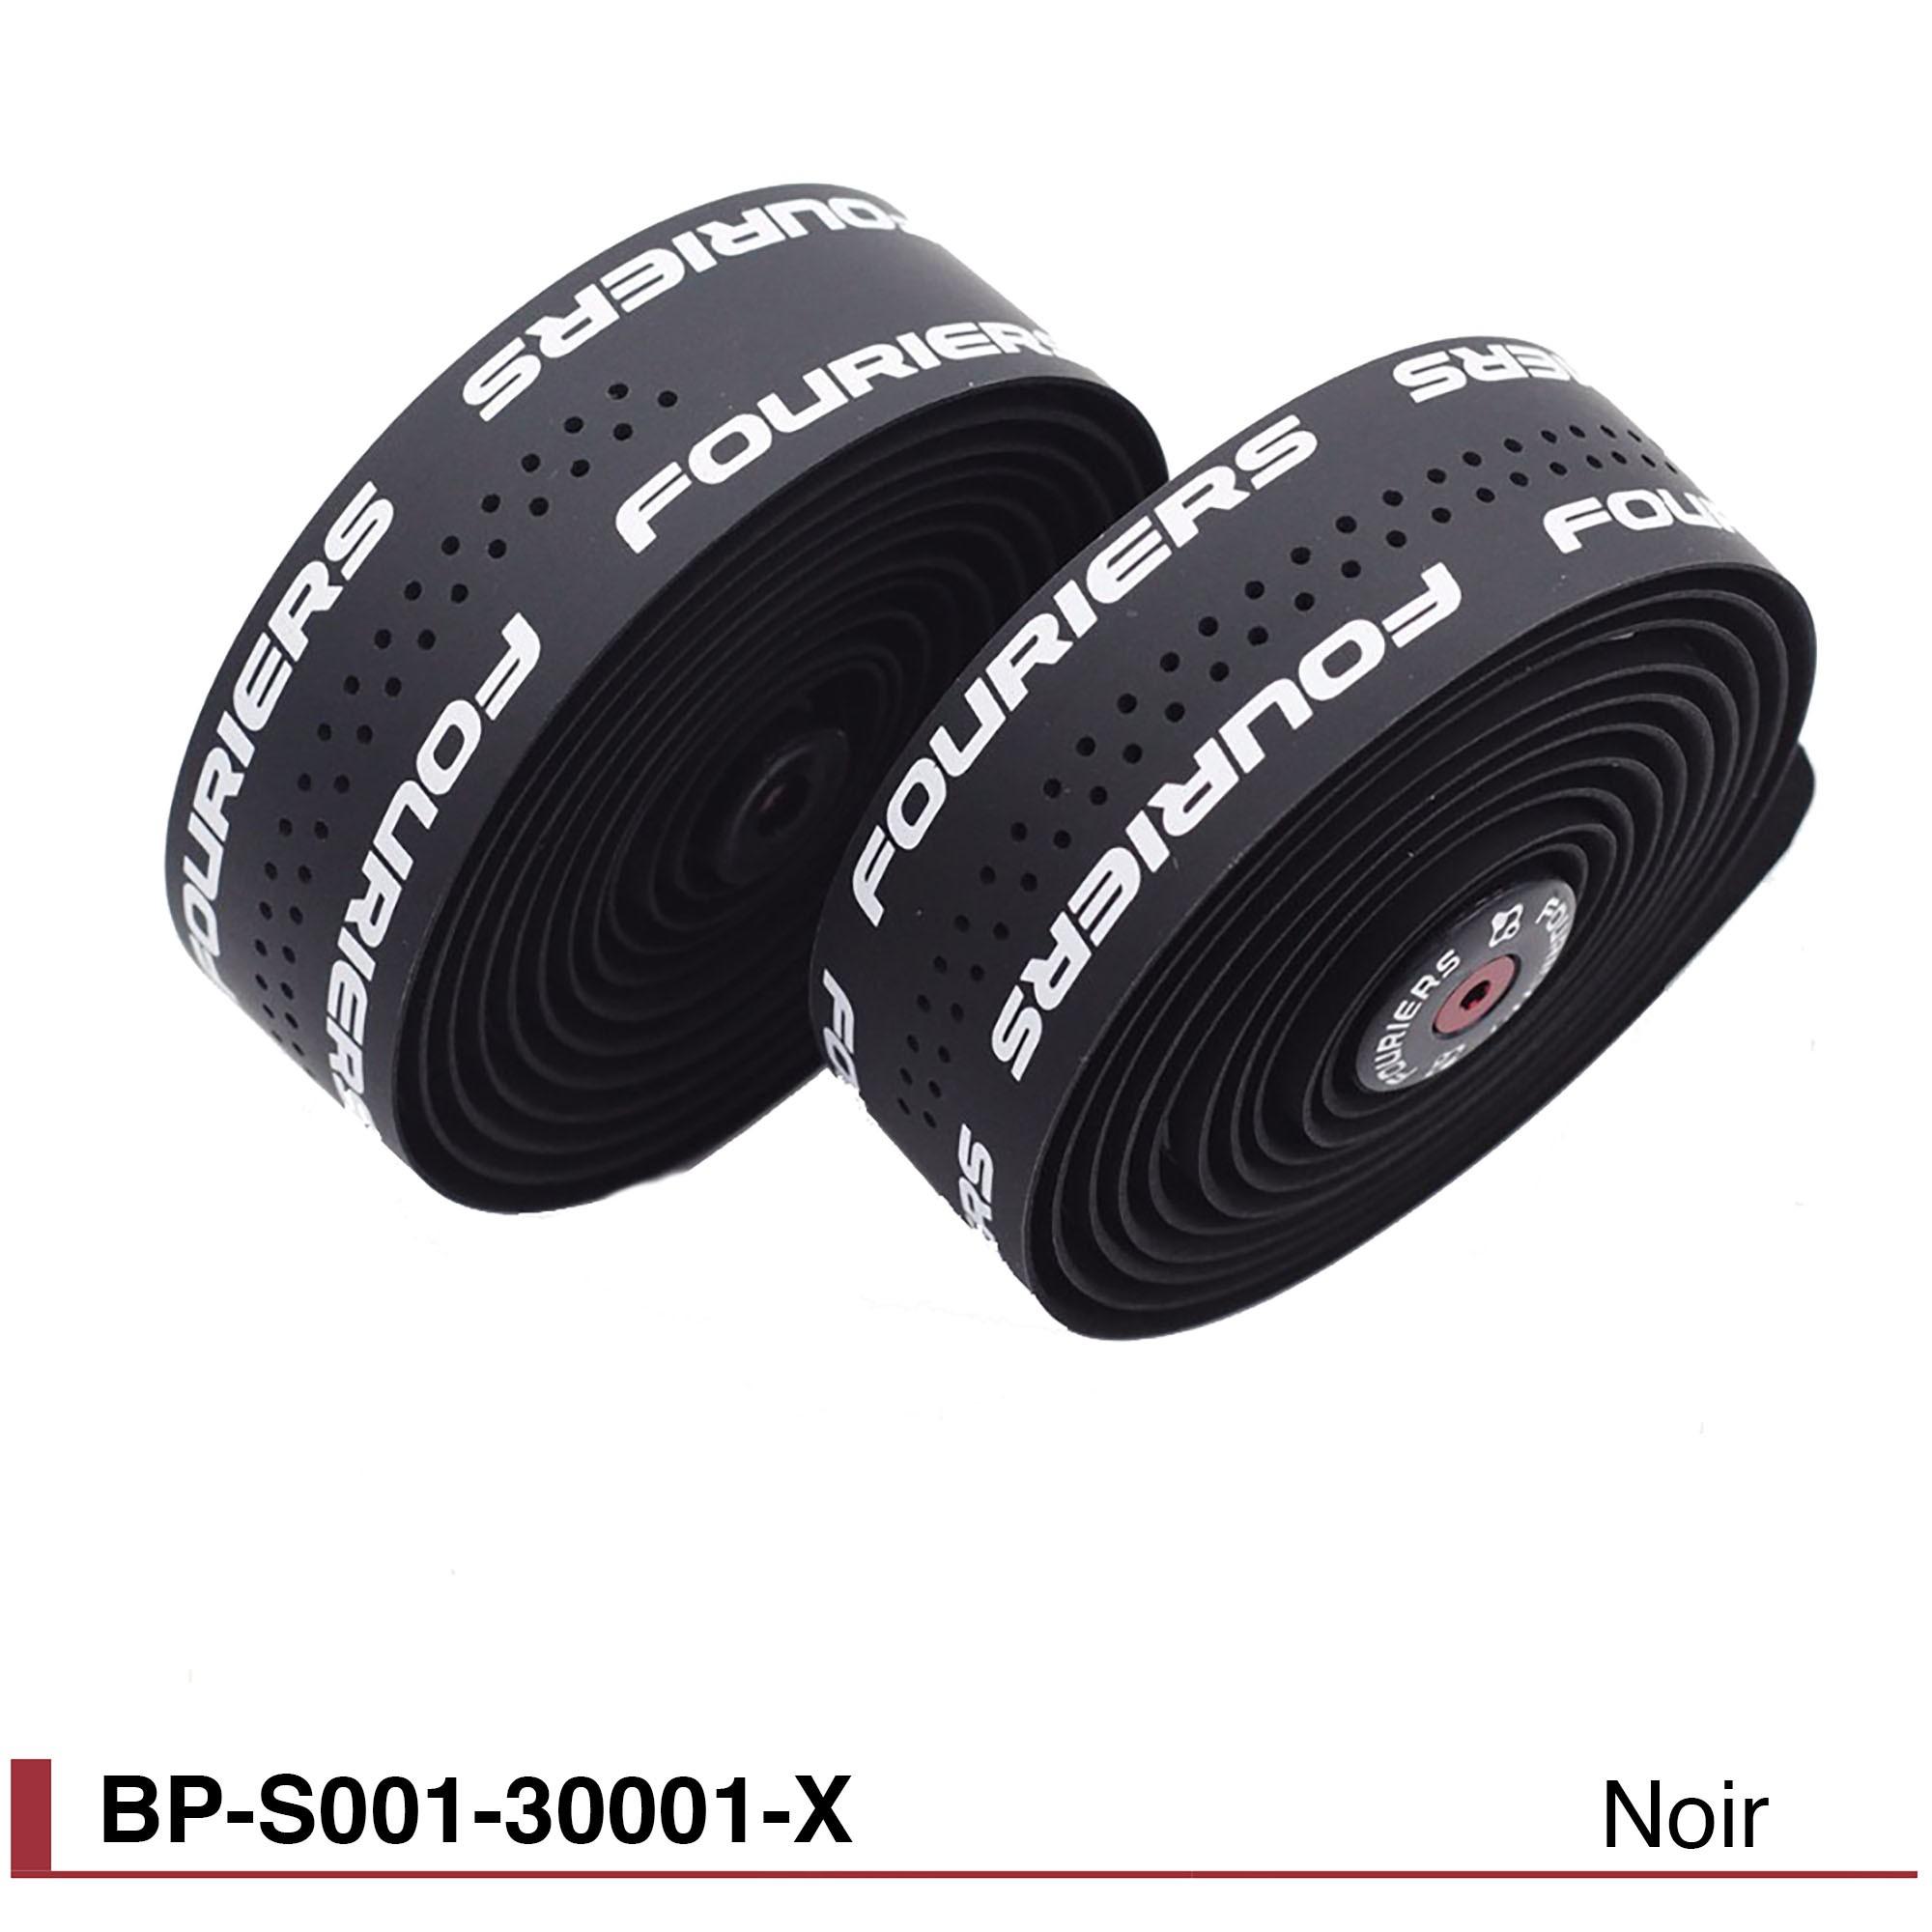 Ruban de guidon Fouriers BP-S001-30001-x-noir-3mm